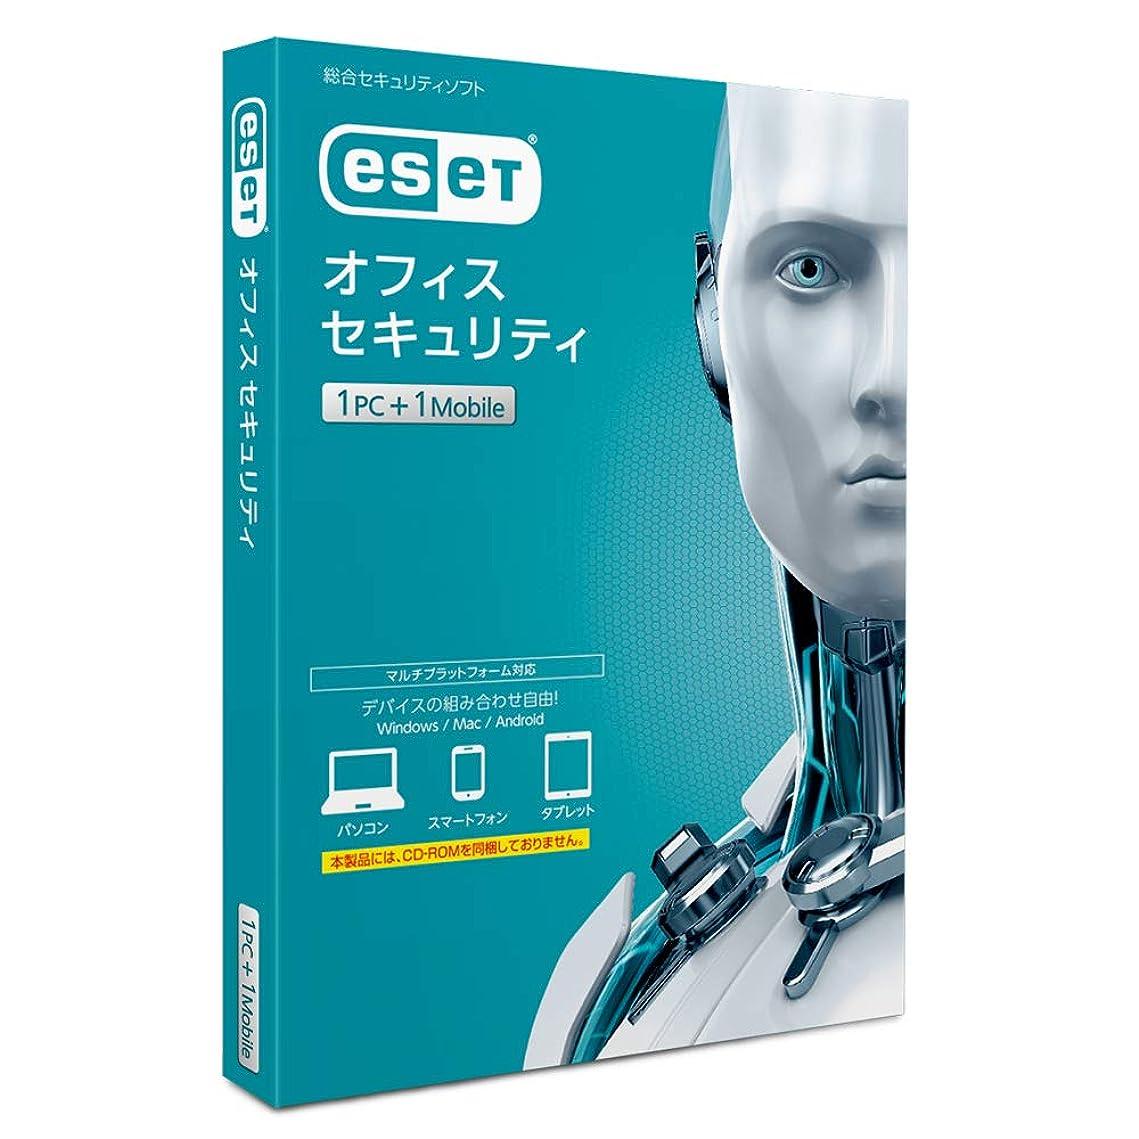 腸メイト宇宙飛行士ESET オフィス セキュリティ(最新)|1PC+1モバイル|Win/Mac/Android対応